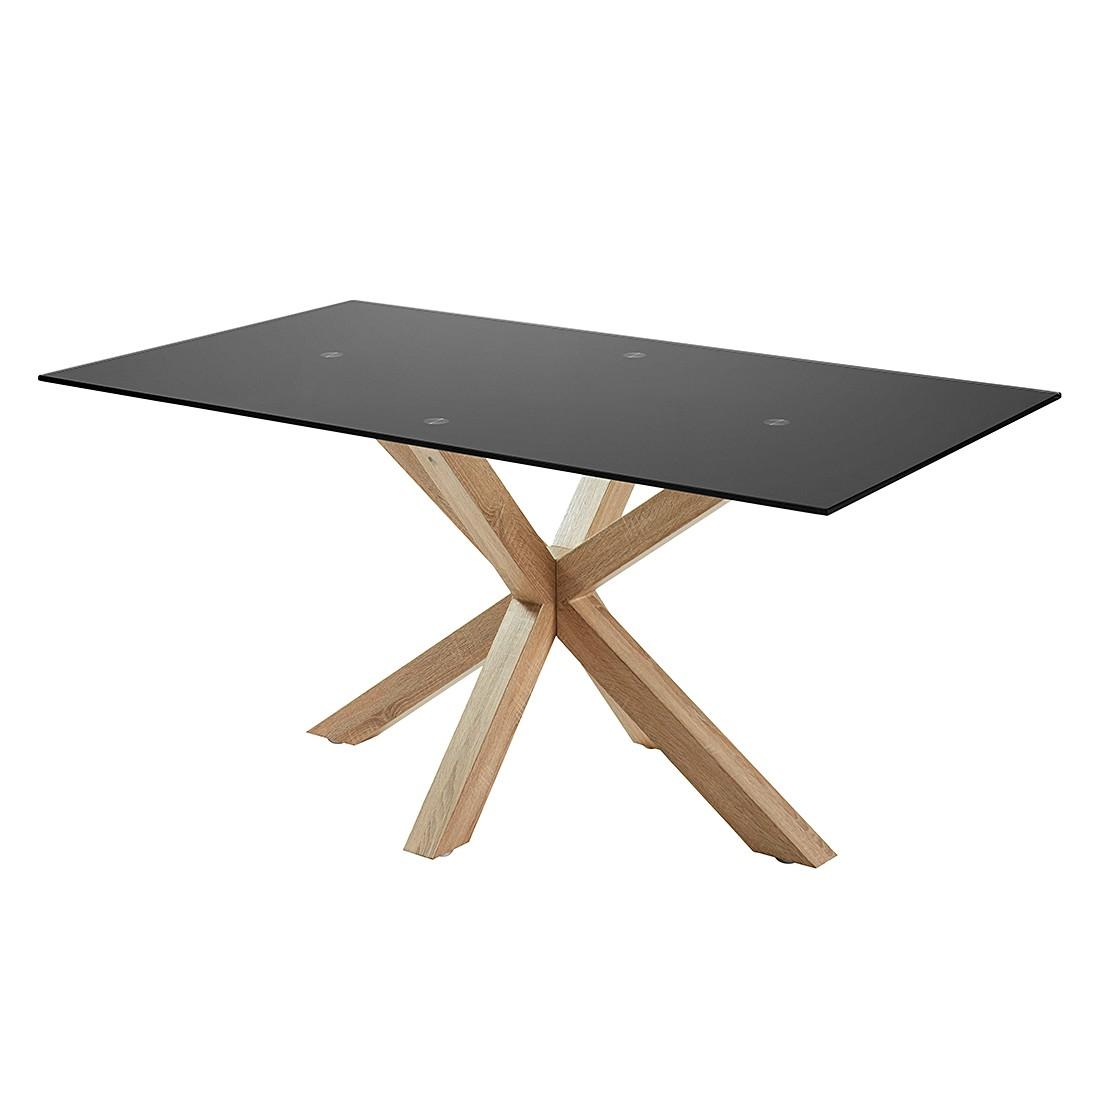 esstisch glas schwarz g nstig kaufen. Black Bedroom Furniture Sets. Home Design Ideas